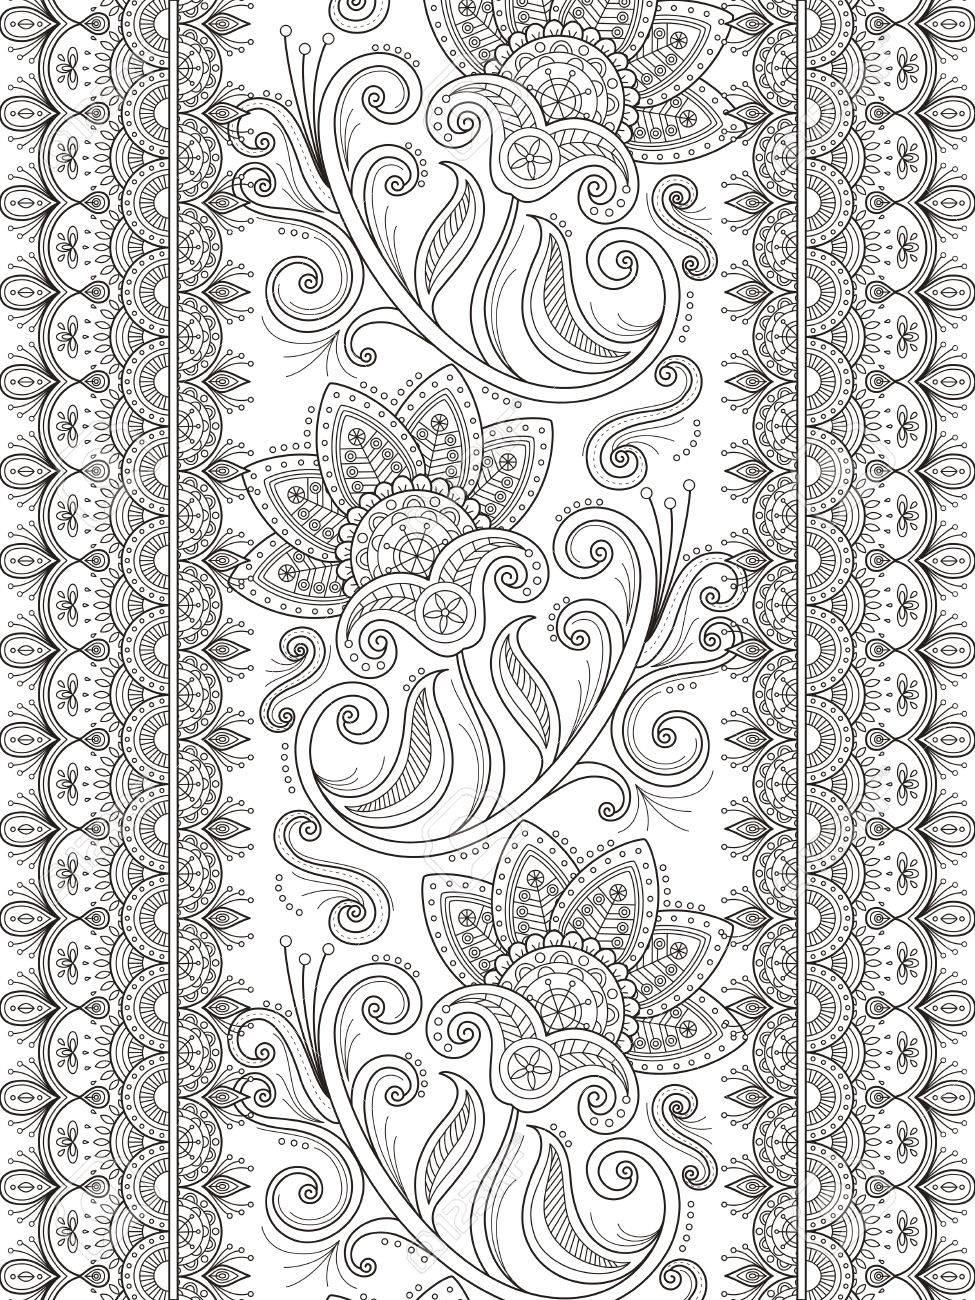 Diseño De Páginas Para Colorear Flor Elegante En Línea Exquisita ...